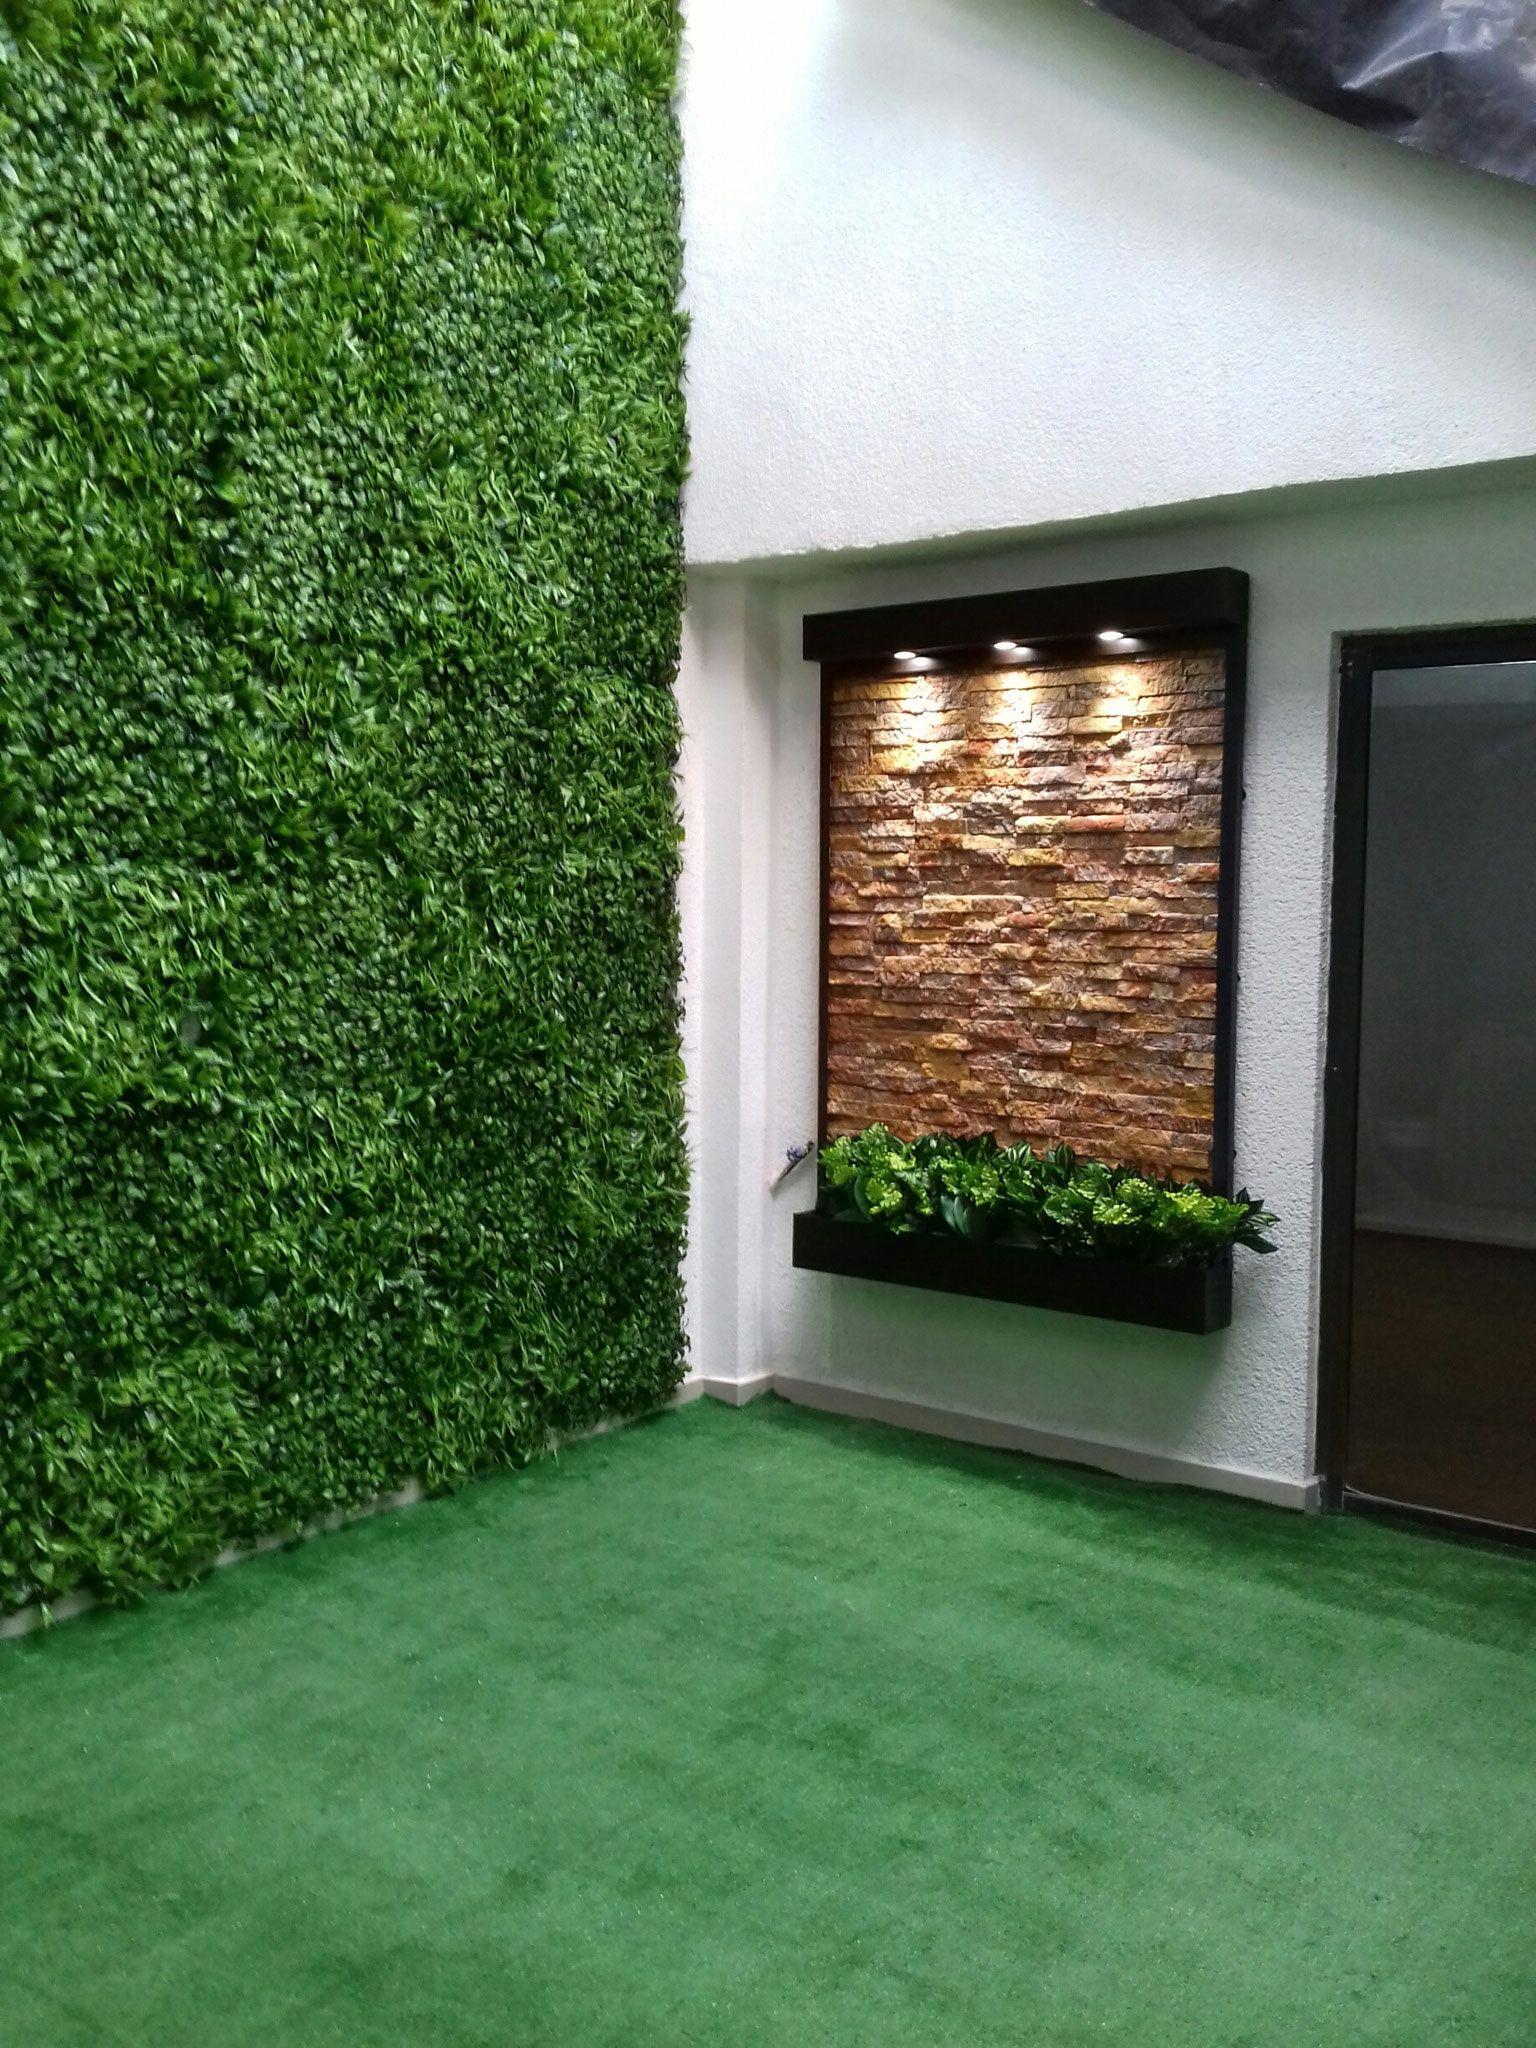 Fuentes de pared o muros llorones mi jard n en 2019 decoracion terraza pared exterior y - Fuentes de pared ...